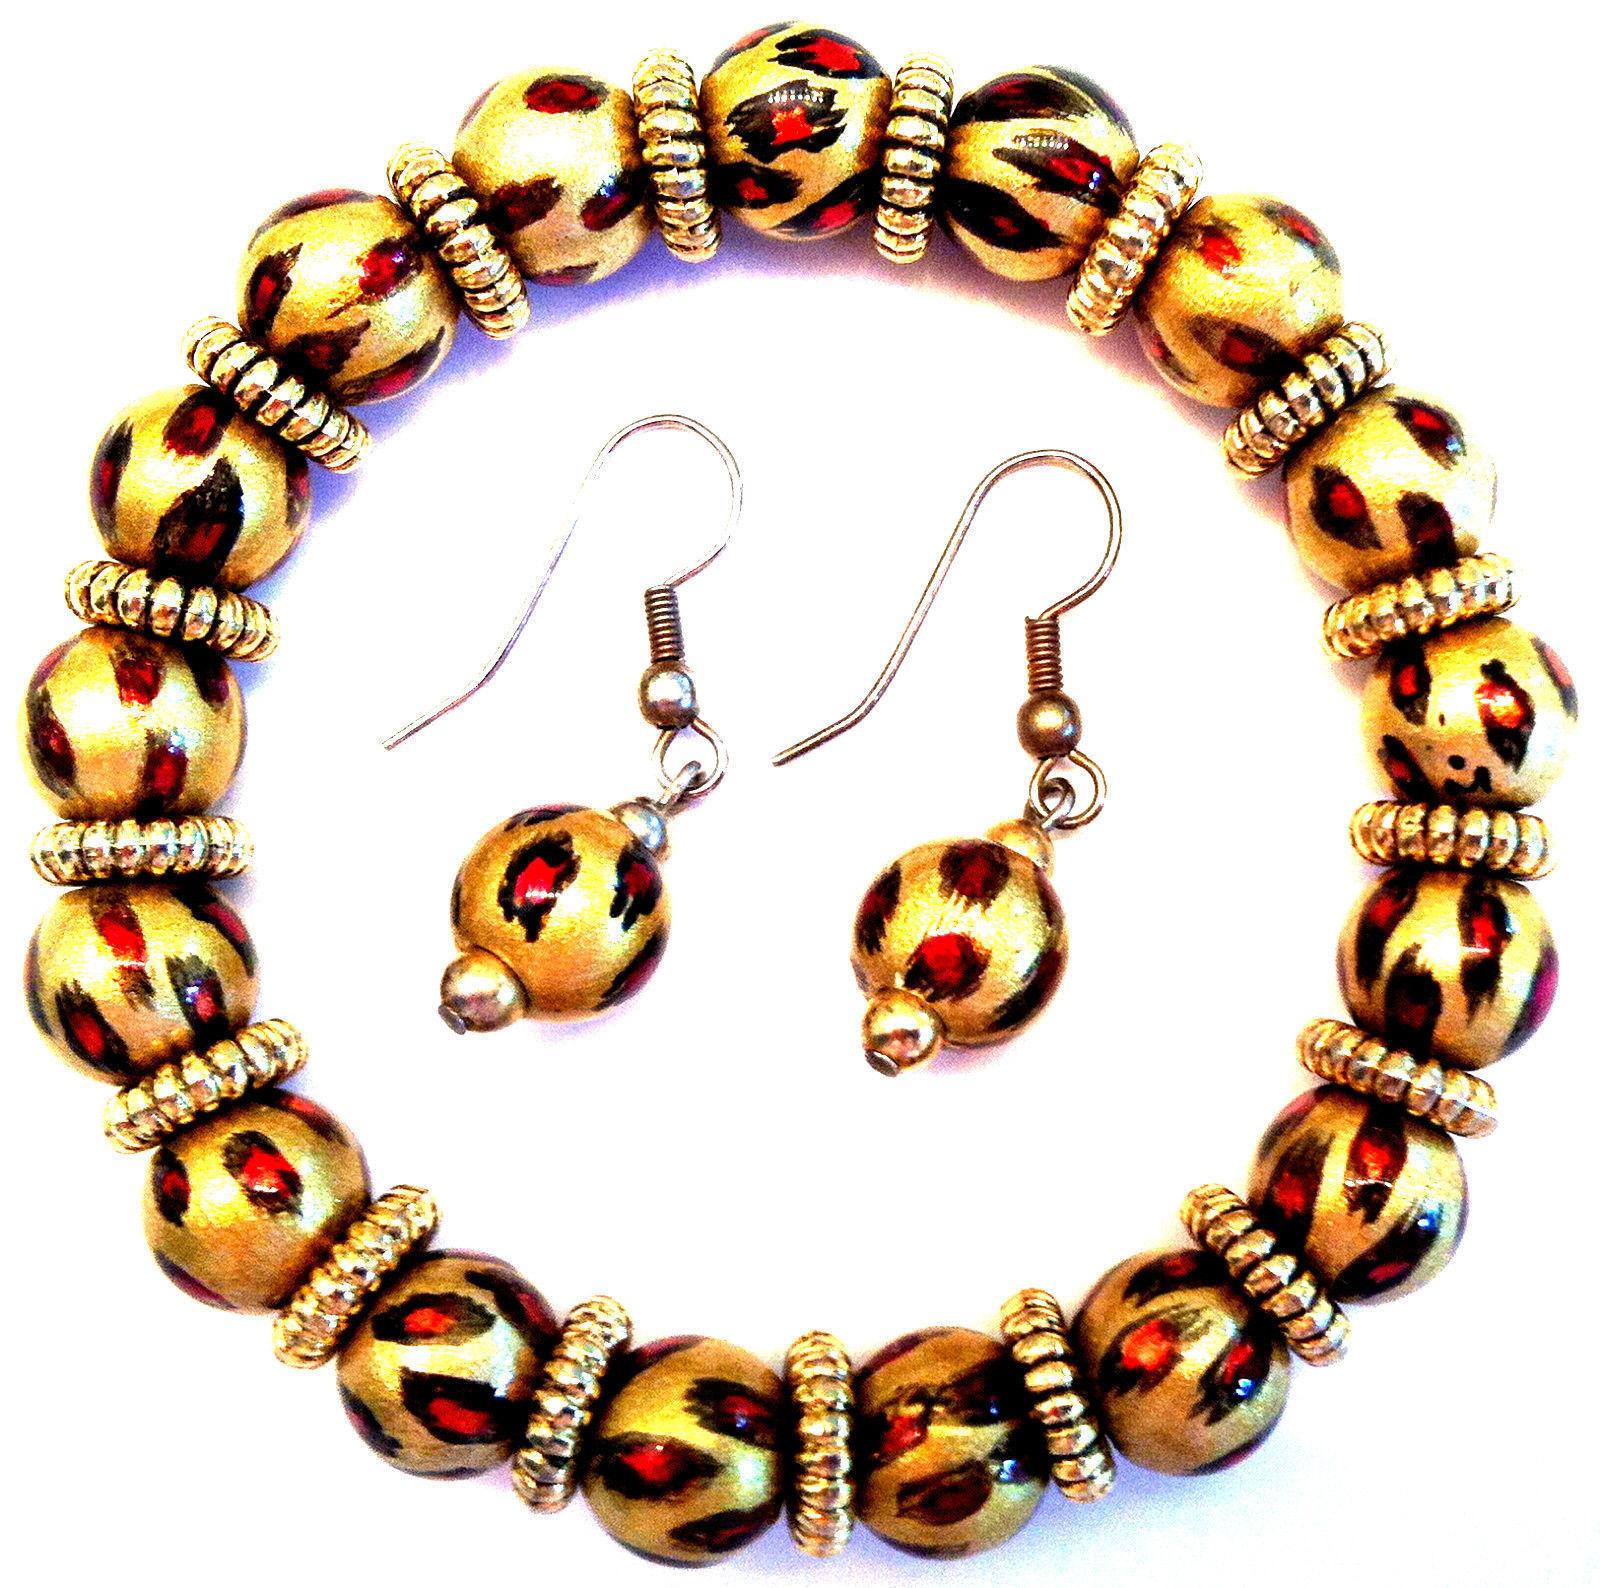 NEW ANGELA MOORE BRACELET & EARRINGS GOLD ORANGE & BLACK FLAMES GOLD SPACERS